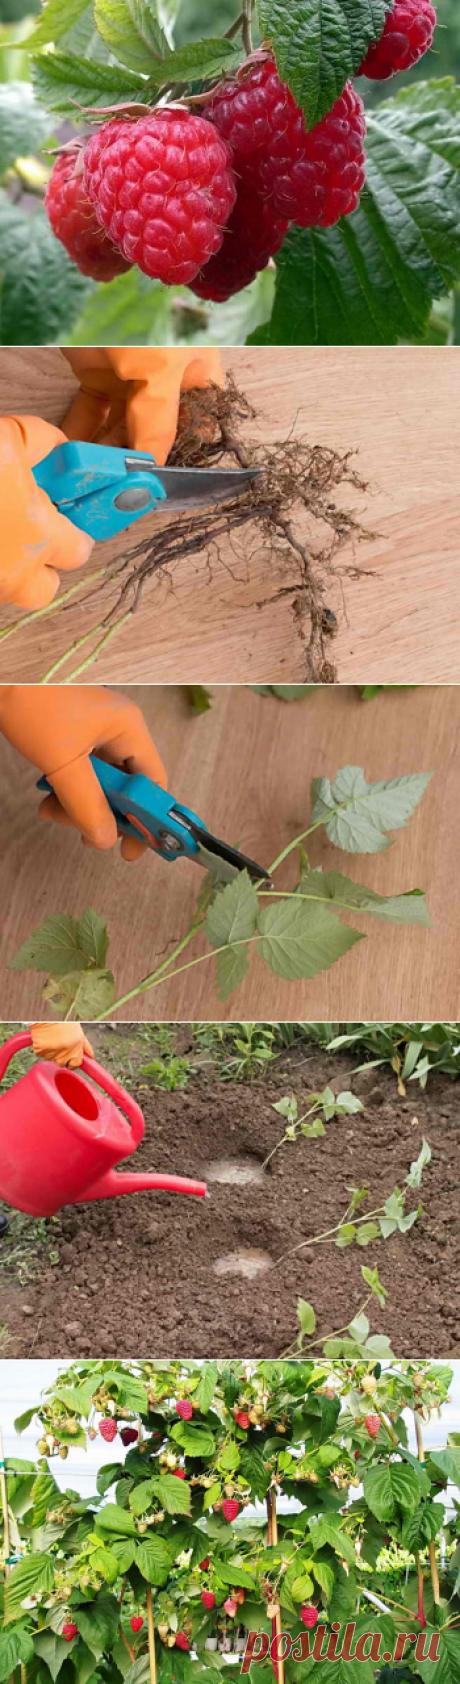 Размножение малины, разные способы черенкования | Дача - впрок